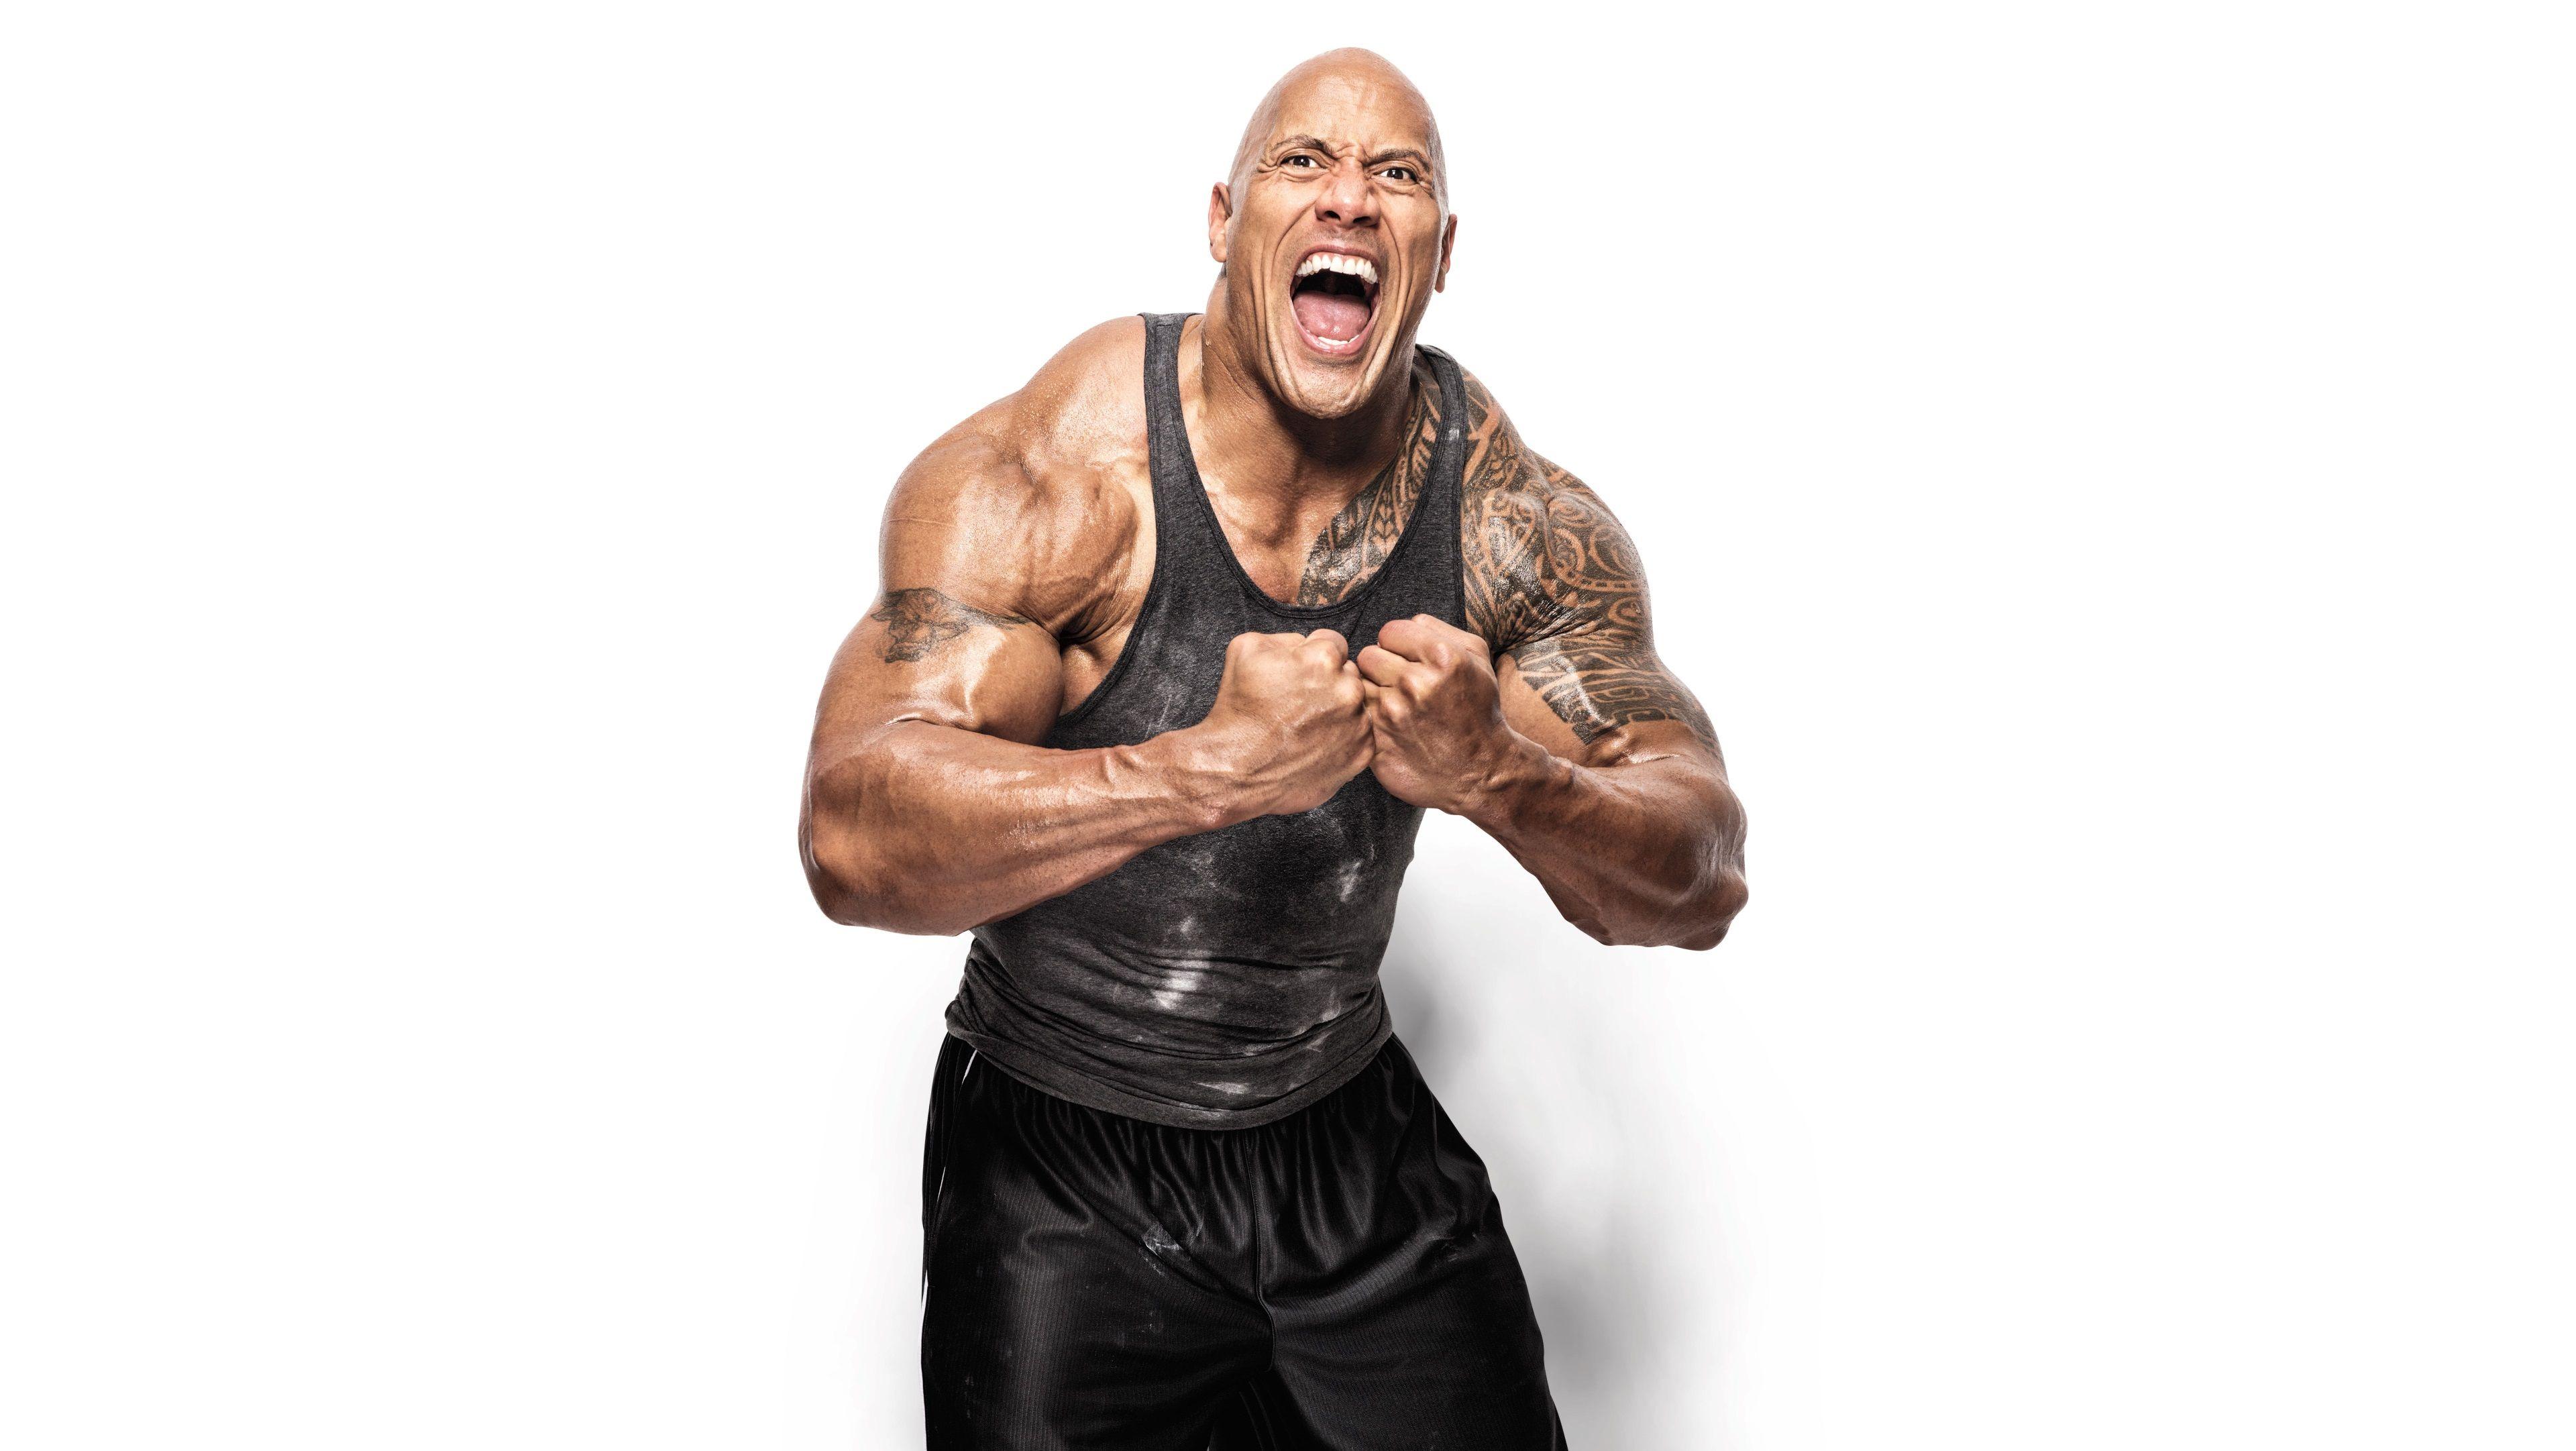 3840x2163 Dwayne Johnson 4k Wallpaper Download Free For Pc Hd The Rock Dwayne Johnson Dwayne Johnson Dwayne The Rock